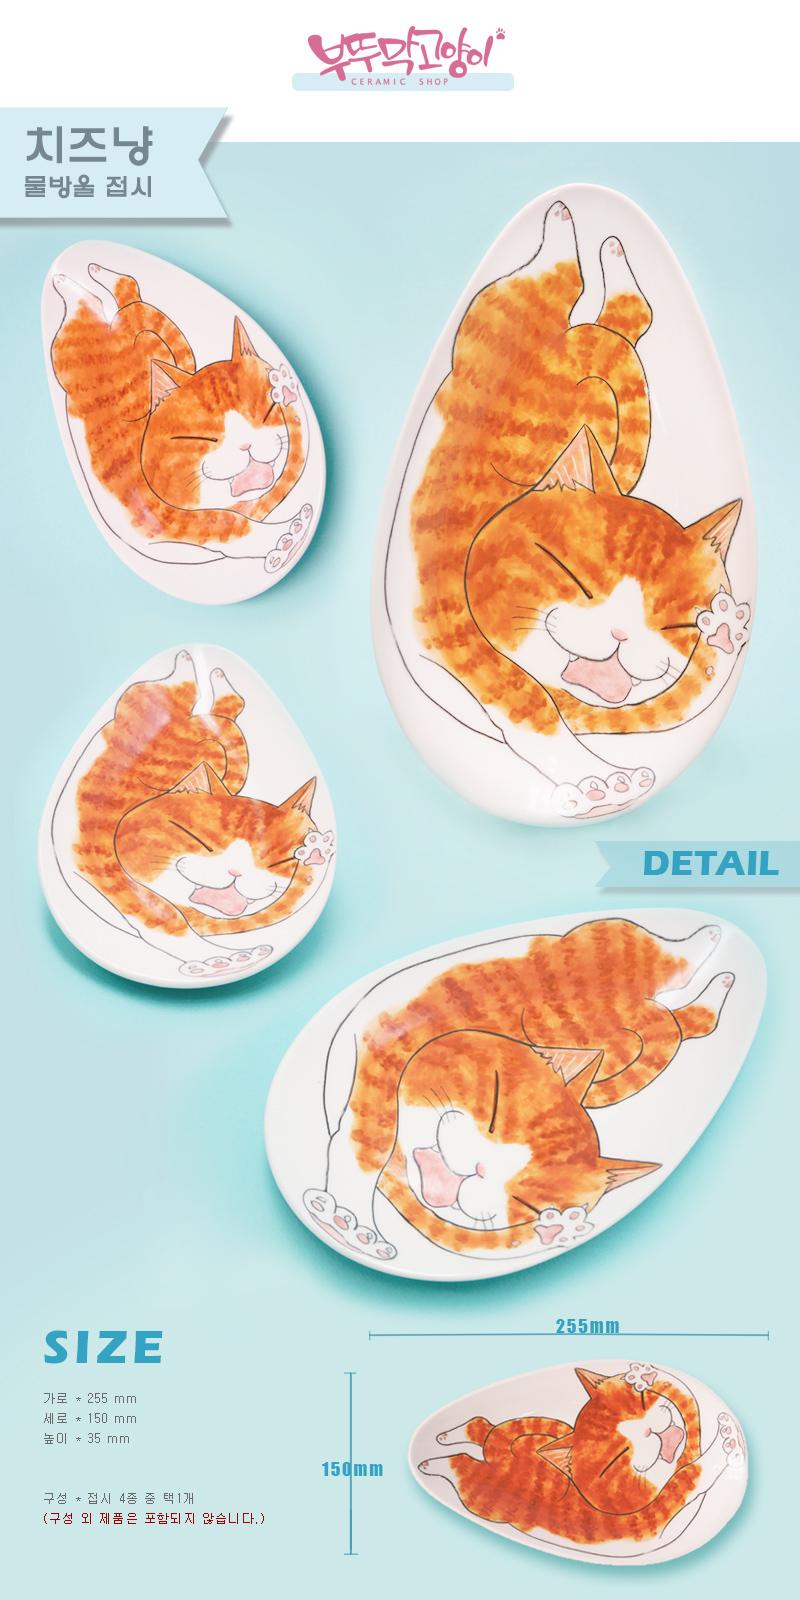 치즈냥 물방울 접시 - 부뚜막 고양이, 40,000원, 접시/찬기, 접시